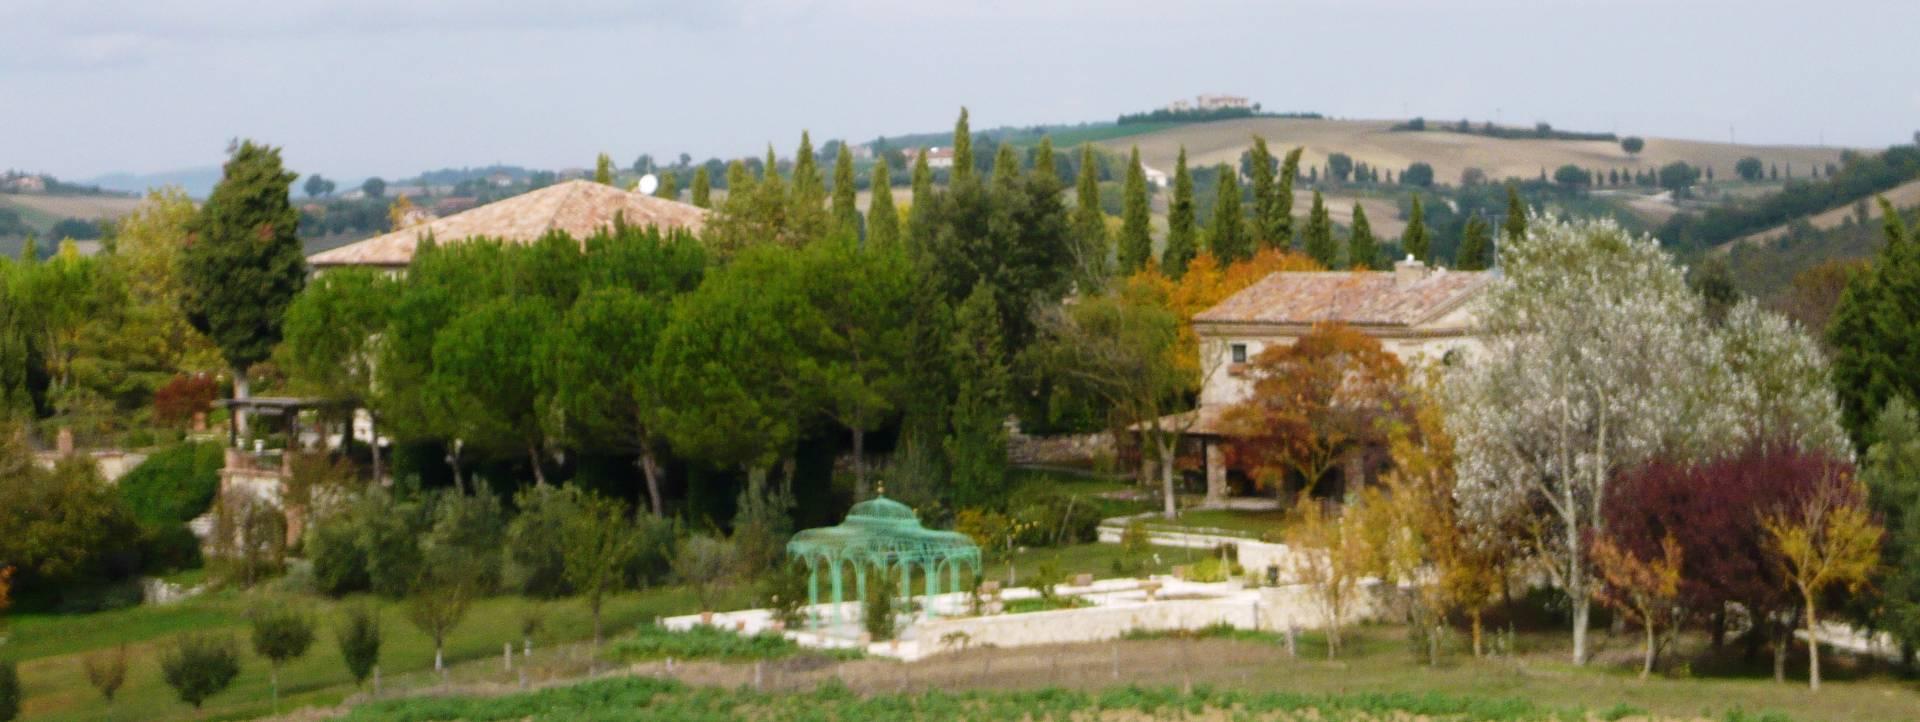 Cbi047 203 7943 villa for sale in avigliano umbro for Egizi arredamenti avigliano umbro